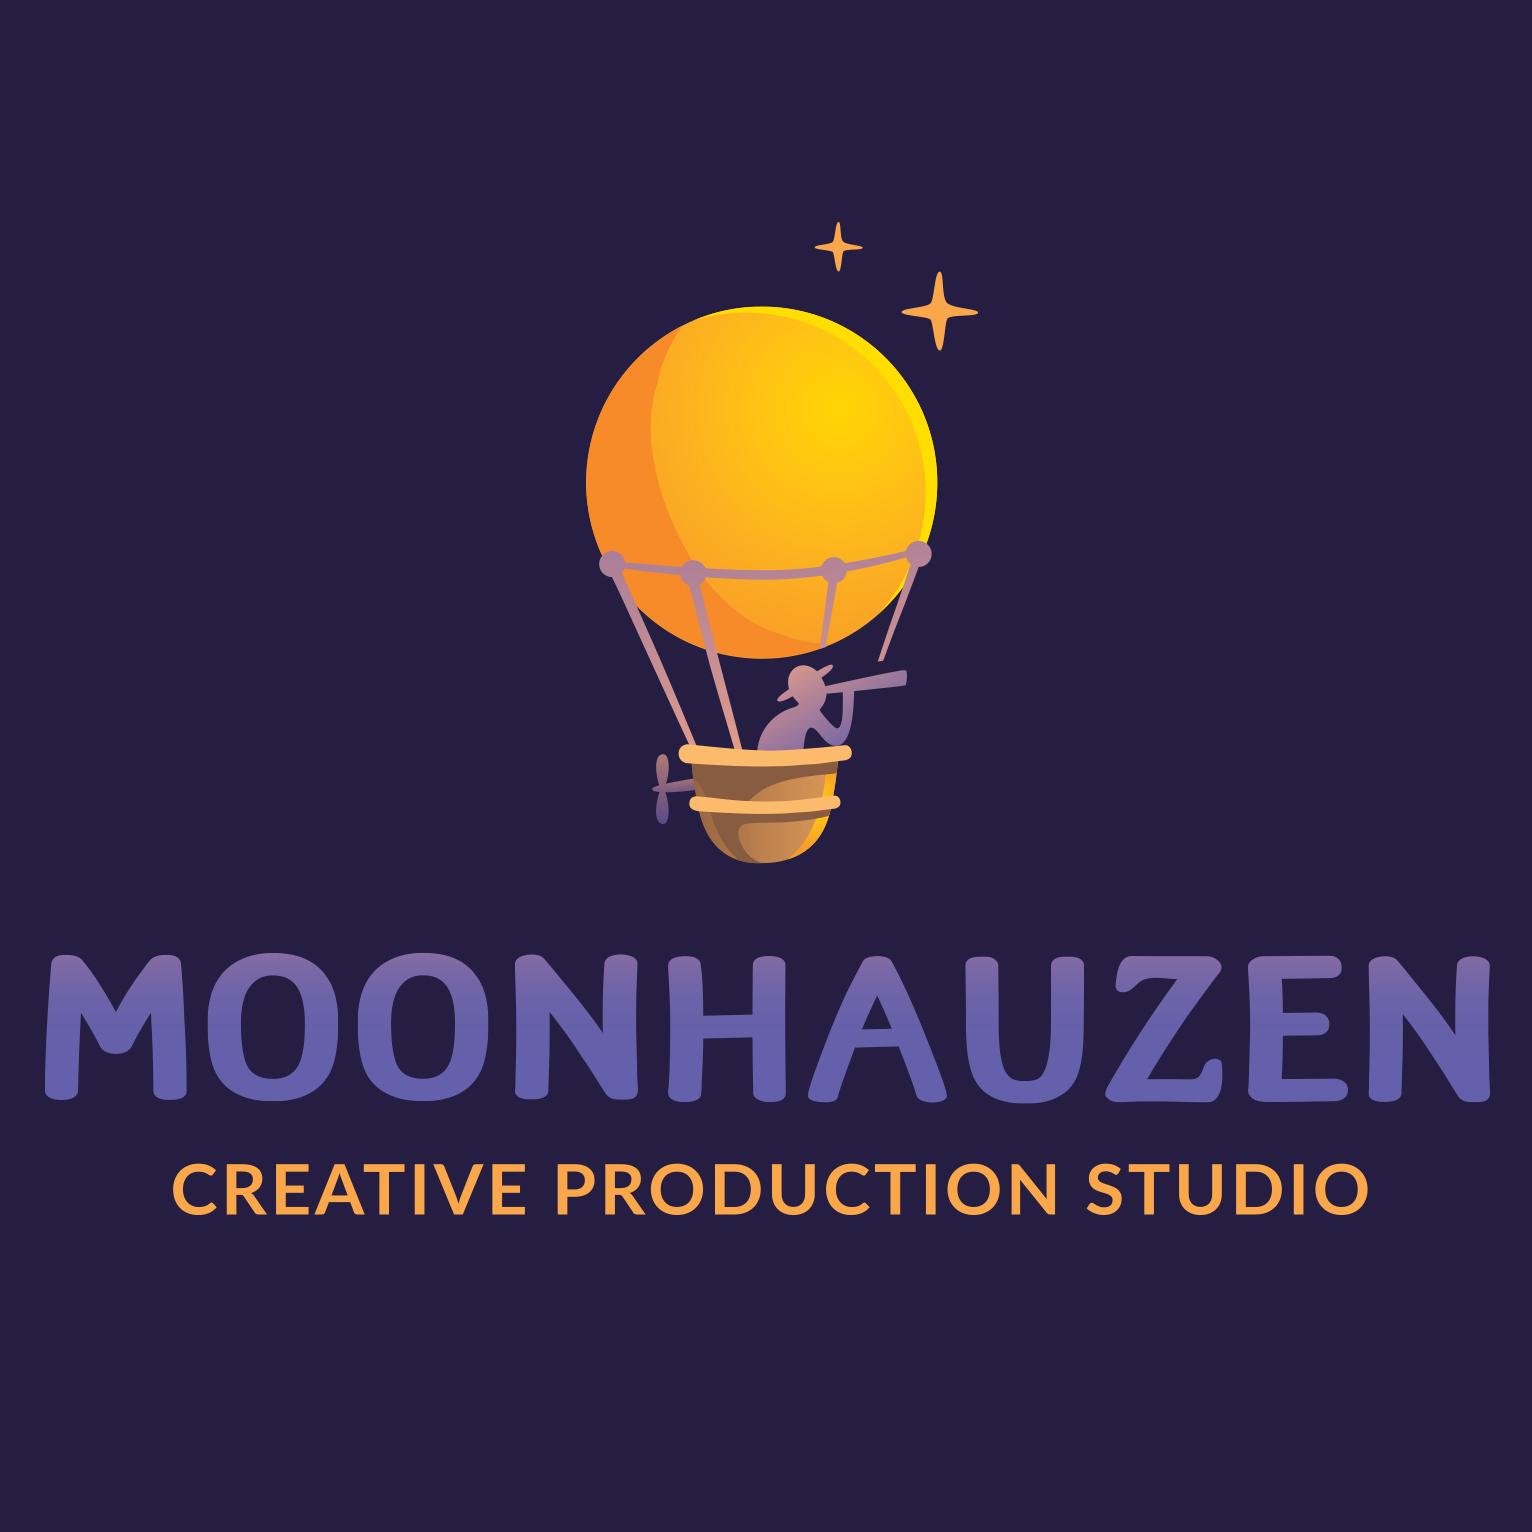 Moonhauzen Studio Logo